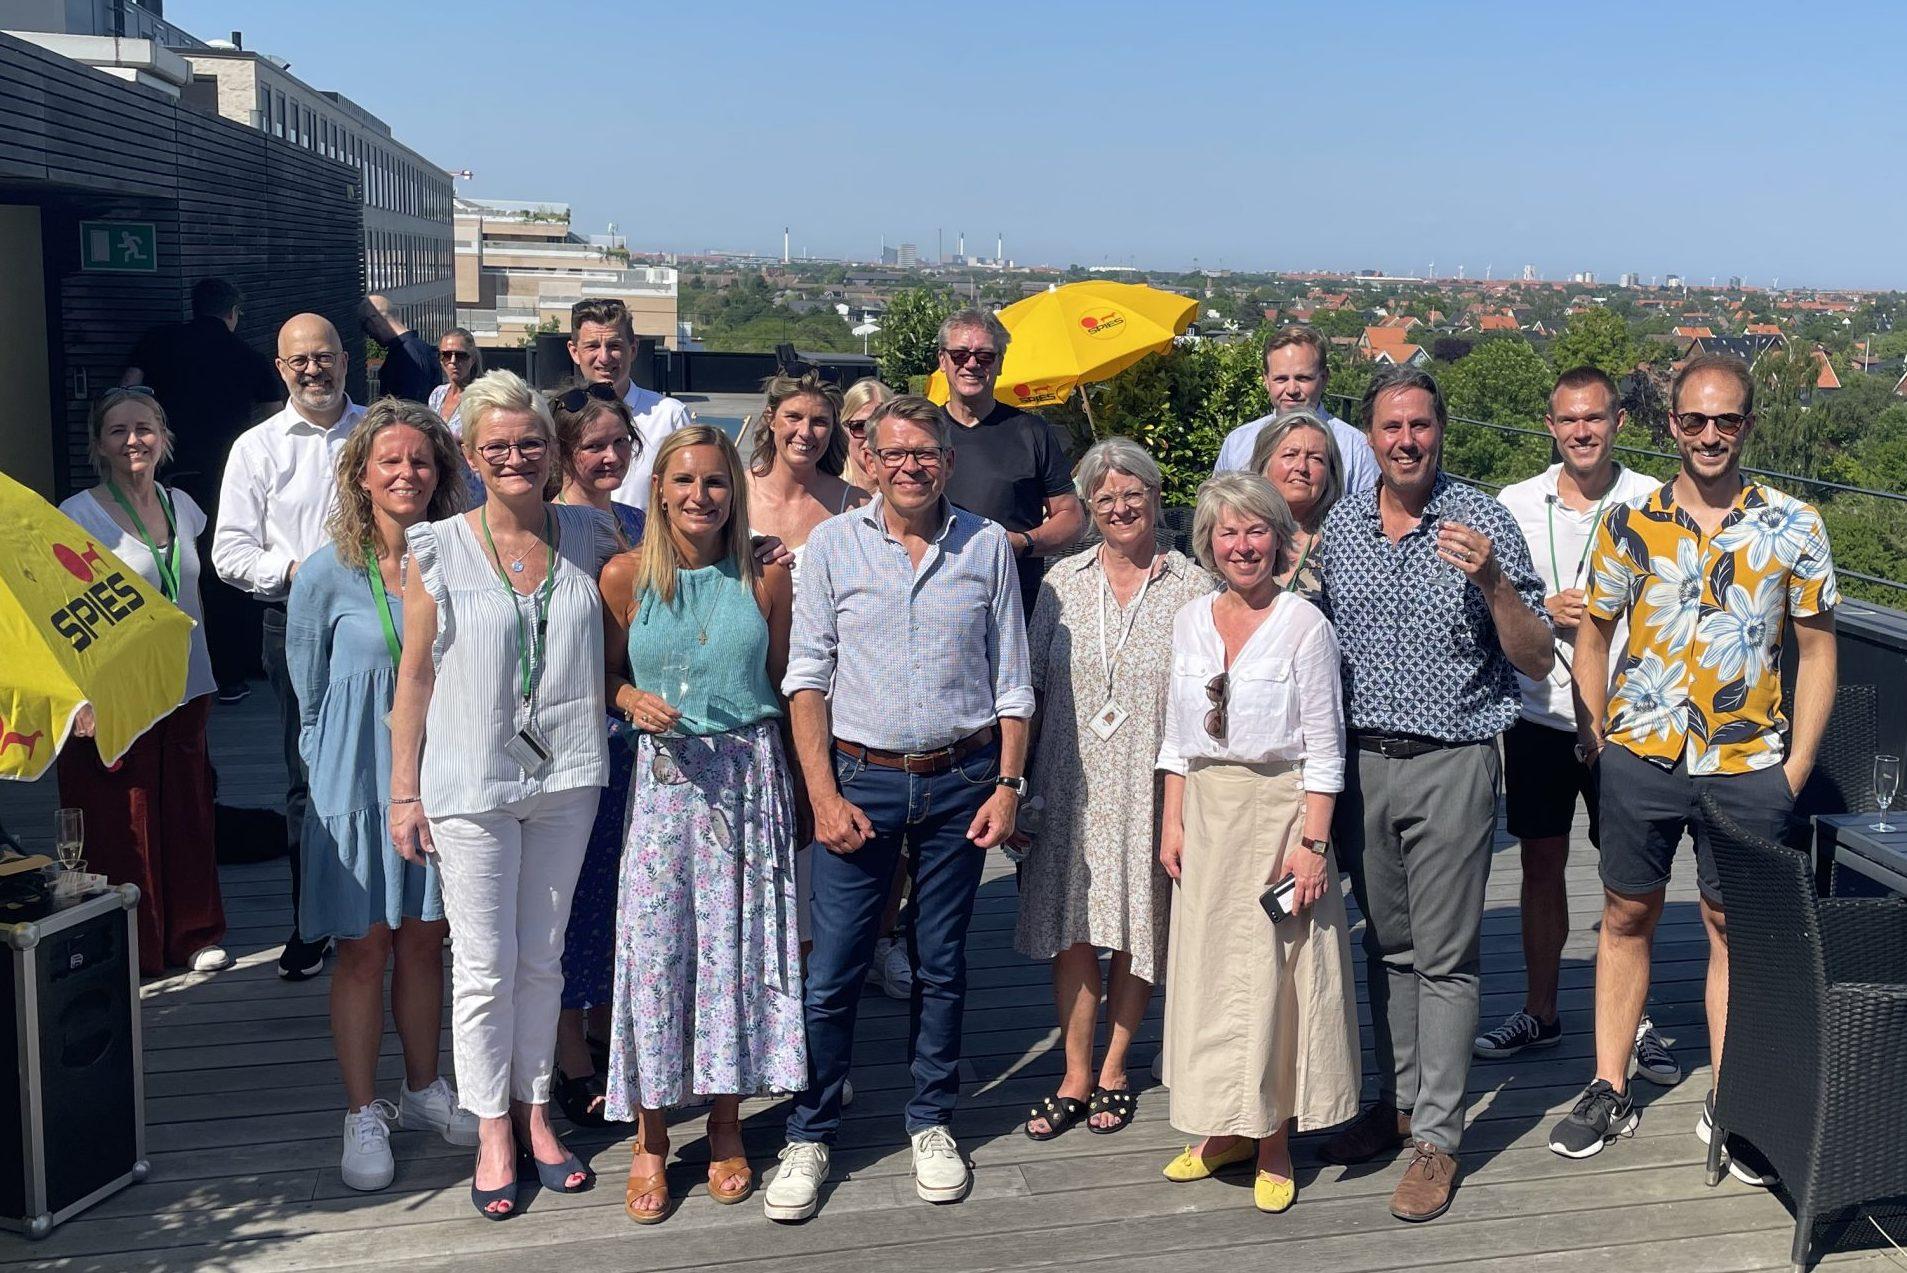 Jan Vendelbo, i midten med lyseblå skjorte, omgivet på tagterrassen i Ørestad af kolleger hos Spies ved den interne reception i forbindelse med hans 60-årsreception. Foto: Henrik Baumgarten.